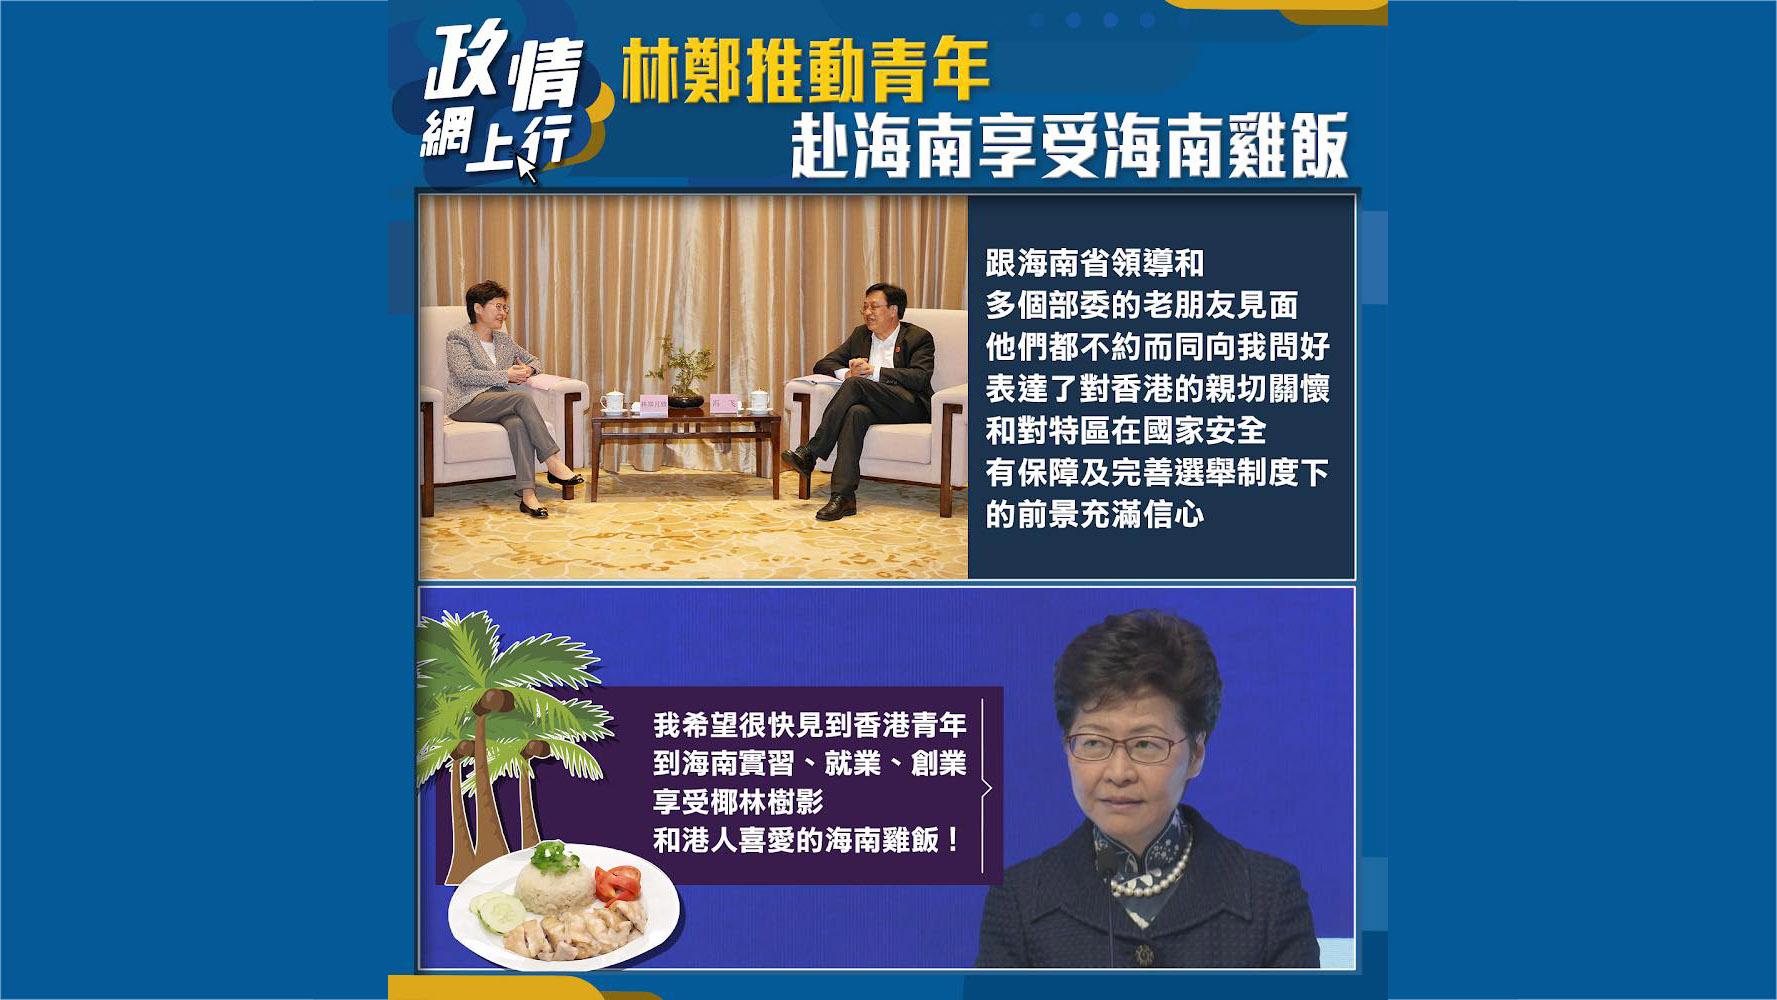 【政情網上行】林鄭推動青年赴海南享受海南雞飯